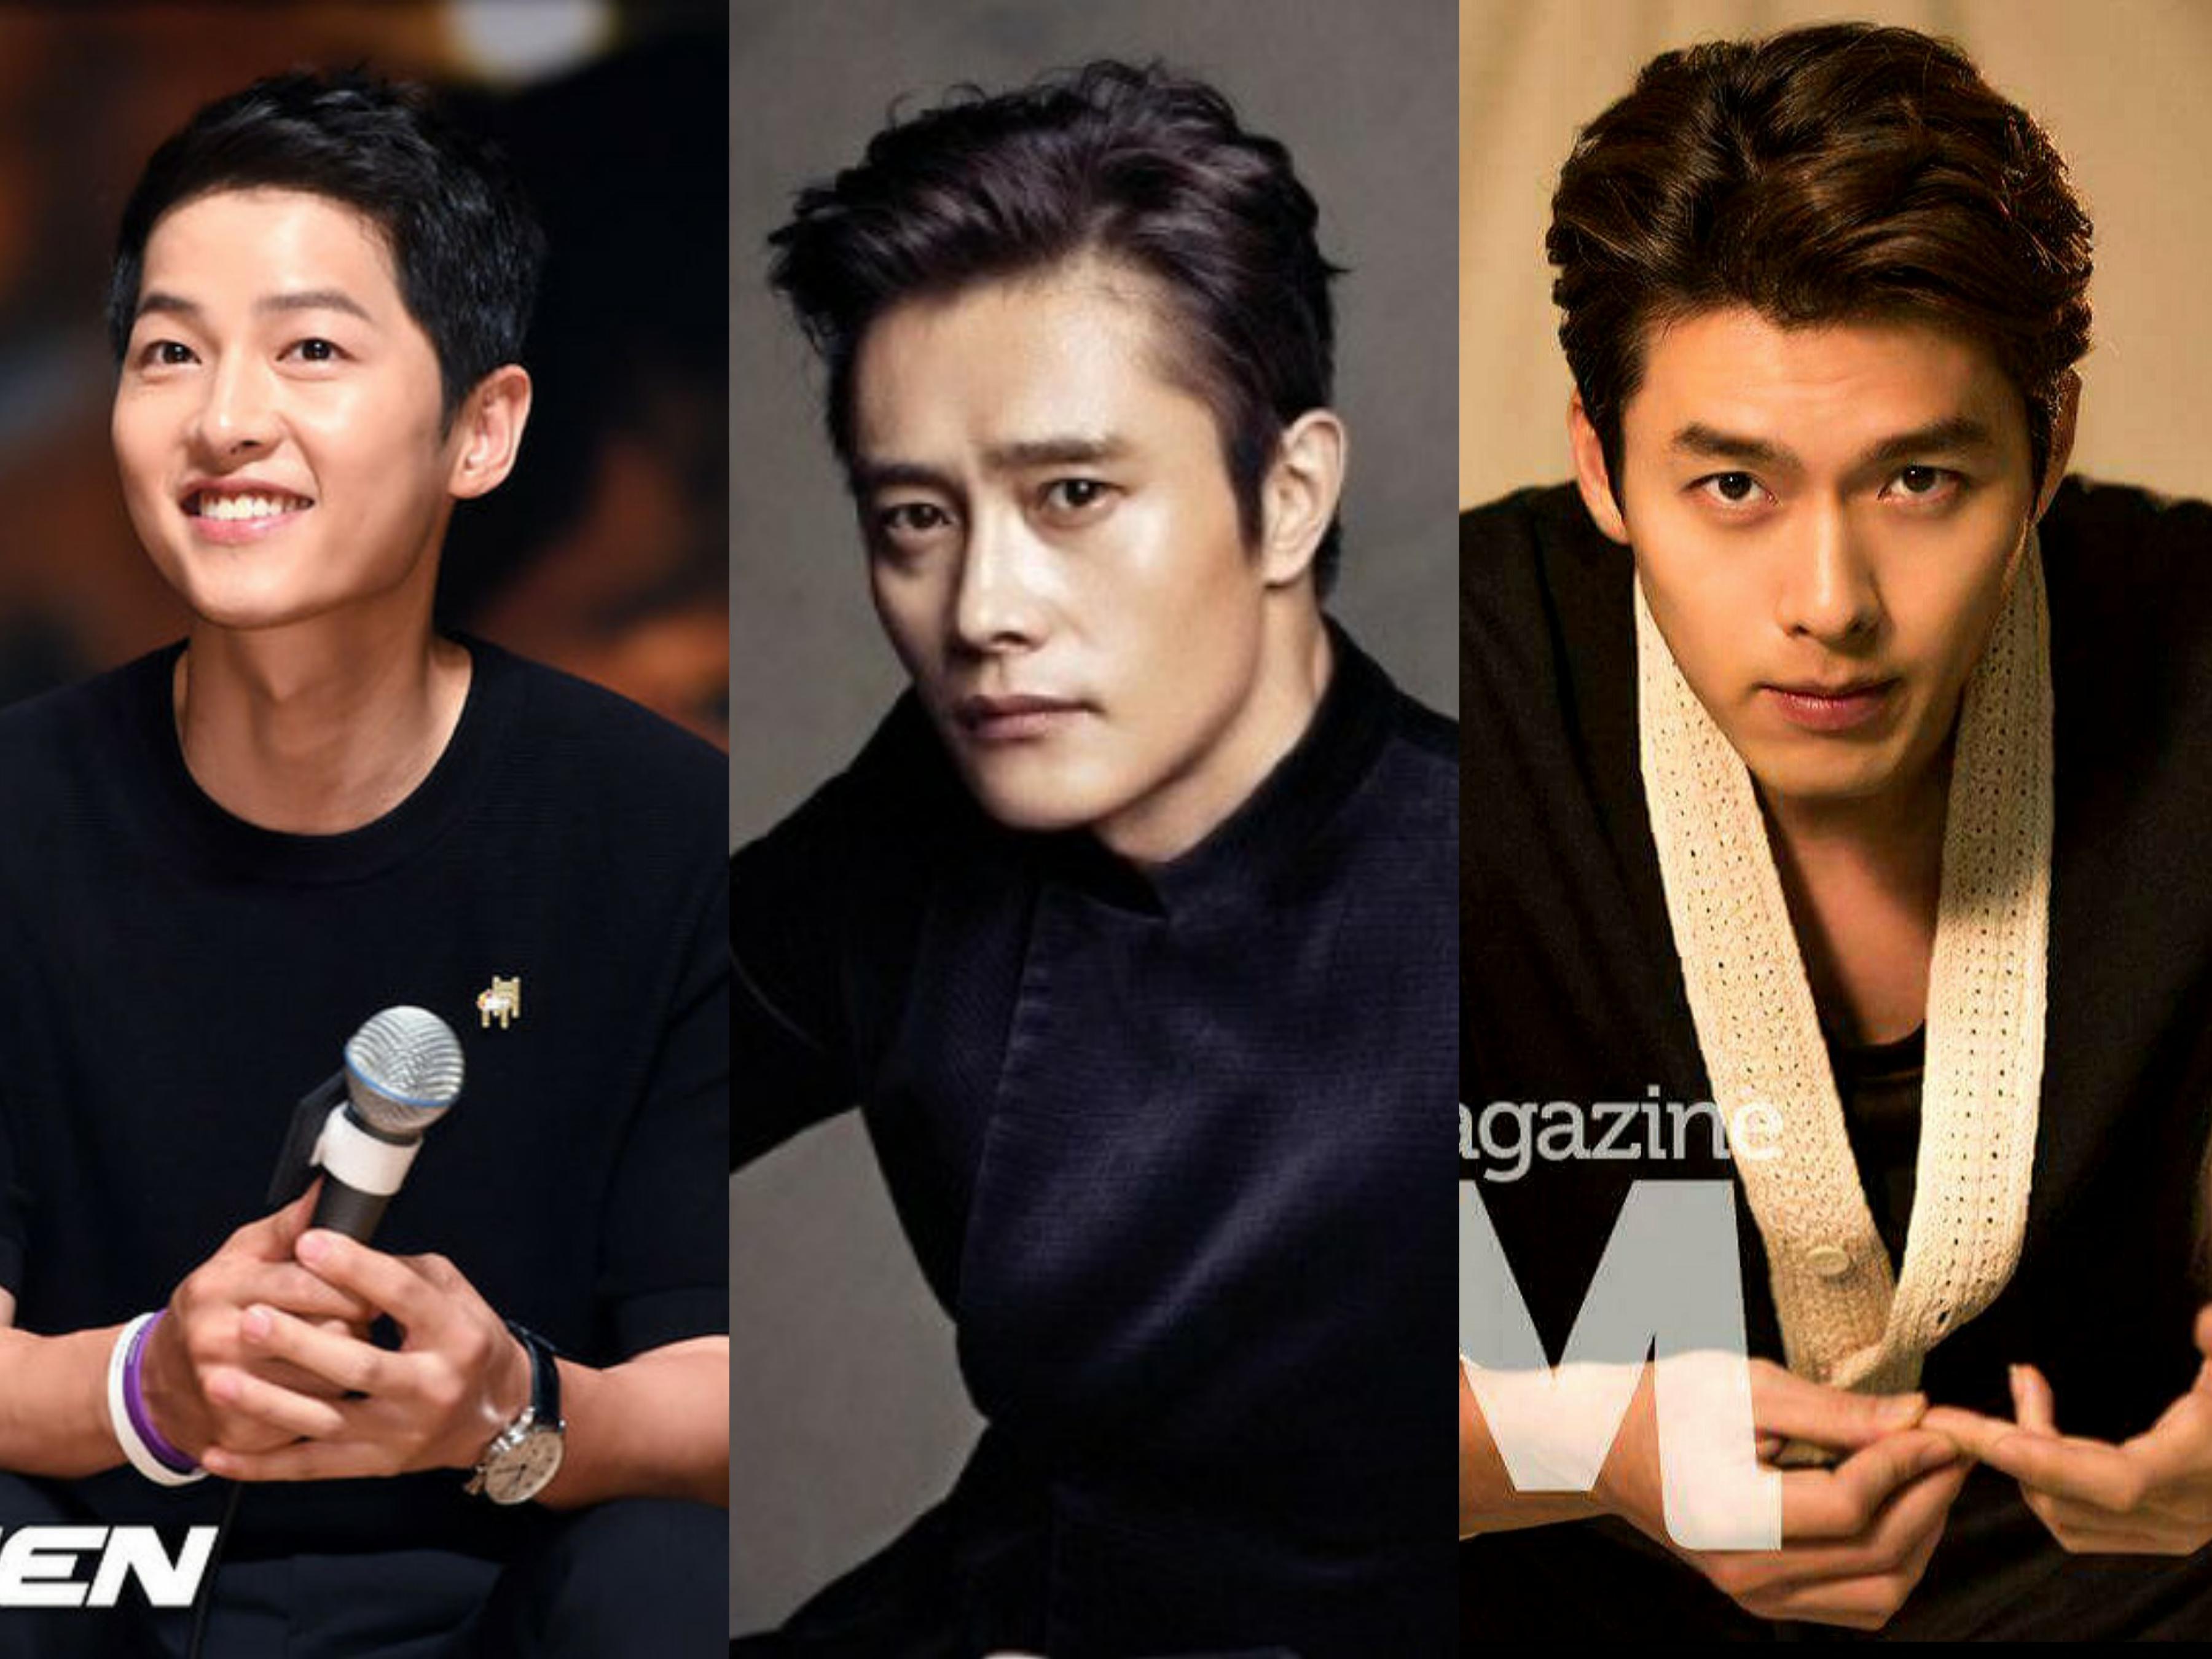 Đẳng cấp chồng tương lai và 2 tình cũ siêu sao của Song Hye Kyo: Liệu có khác xa? - Ảnh 7.